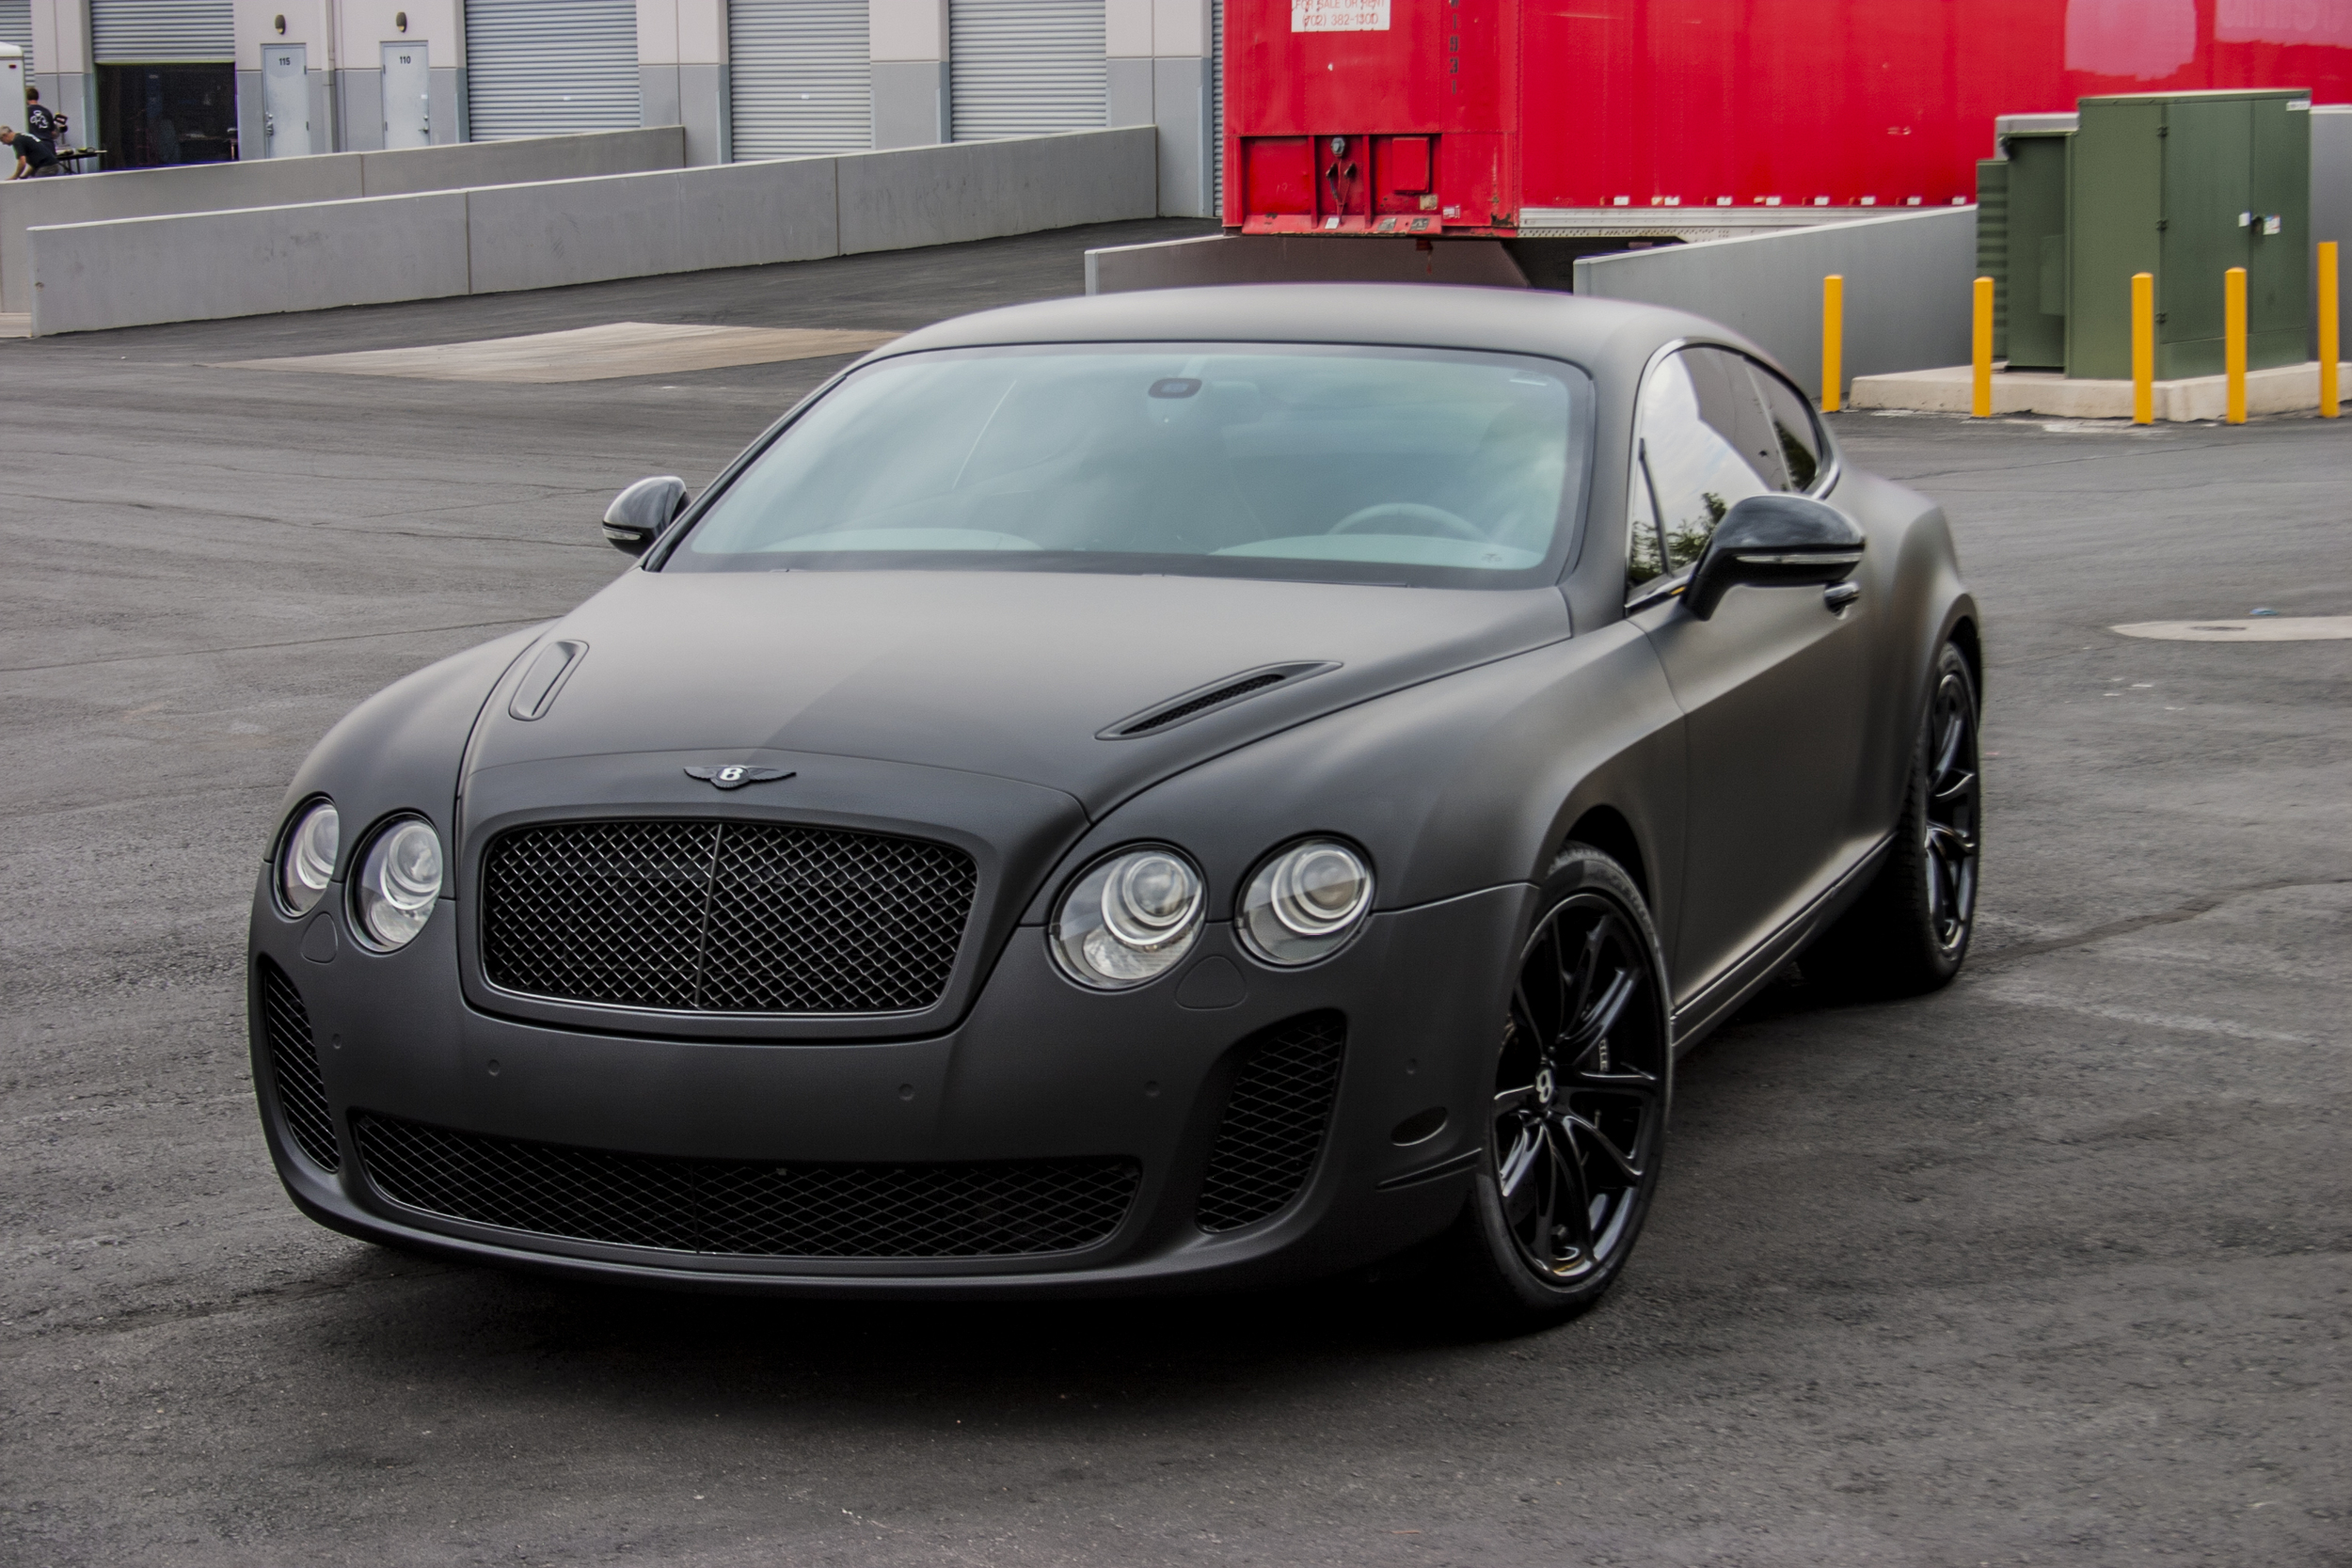 Bentley Continental Super Sport Matte Black Incognito Wraps